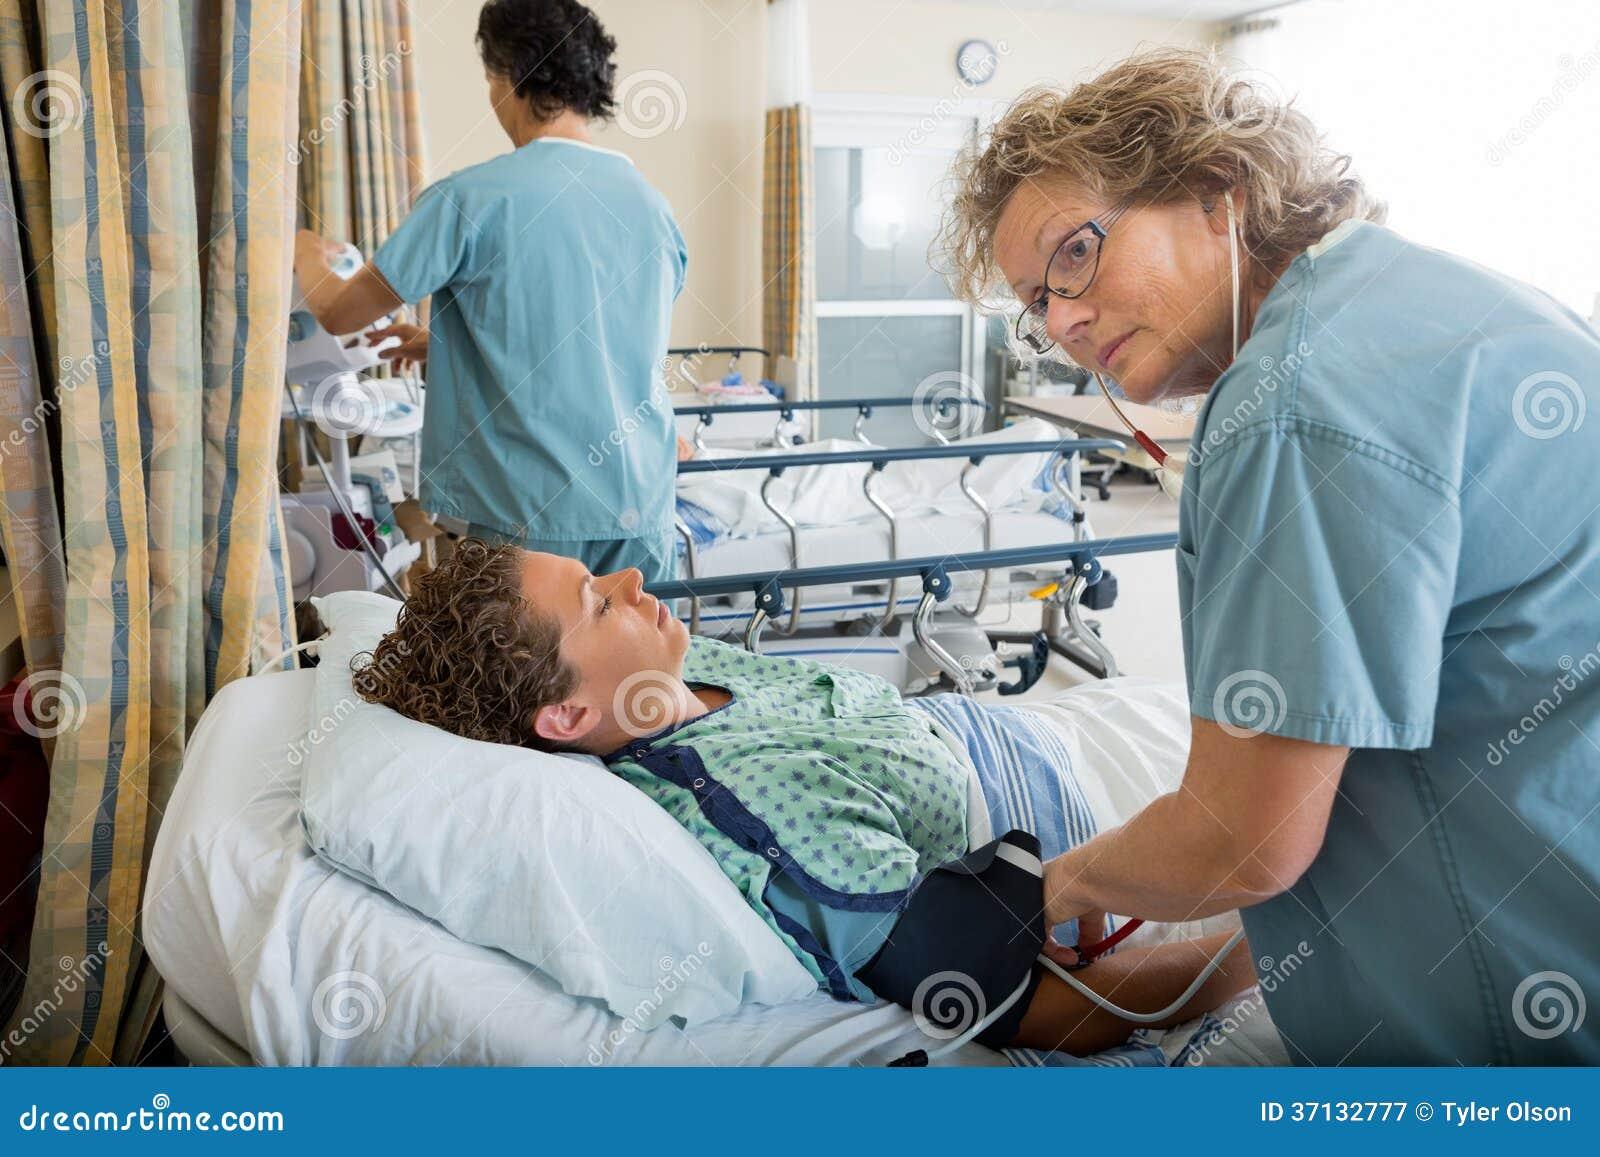 Krankenschwester Checking Patients Blutdruck Stockbild..